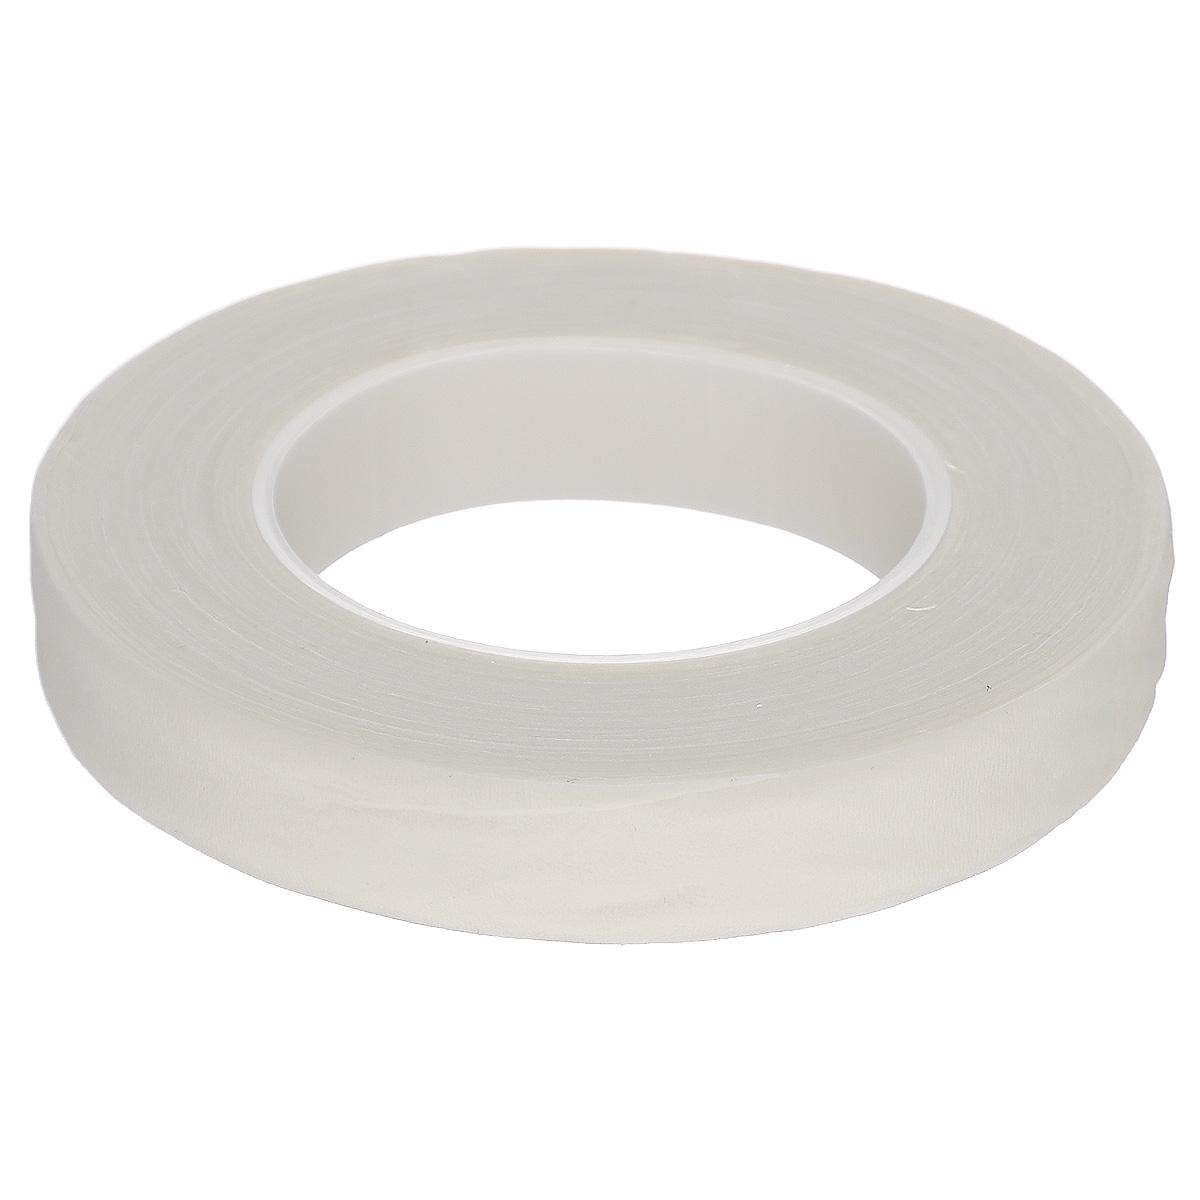 Лента флористическая Fleur, цвет: белый, 1,3 см х 2700 см03-0044Флористическая лента Fleur - это тонкая эластичная лента в катушке с легким клеящим эффектом. Она липкая, тонкая, легкая, водонепроницаемая, хорошо растягивается. Лента бывает широкой и узкой. Широкая лента в основном используется для крепления к сосуду флористической губки, узкой лентой также иногда перекрещивается отверстие широкогорлового сосуда для закрепления растений. Флористическая лента может использоваться в квиллинге при изготовлении цветов на проволоке, конфетных деревьев, украшений из бисера, различного декора. В основном лента применяется для декорирования проволоки в букетах в соответствии с цветом букета. При намотке флористическую ленту необходимо немного натягивать, чтобы она лучше прилипала к стеблю цветка. Особенности флористической ленты: - Легко разглаживается и плотно прилегает к поверхности,- Принимает любую форму,- Позволяет продлить свежесть цветка, поэтому необходима при создании свадебных букетов и других аксессуаров из цветов,- Лентой можно загрунтовать гладкую поверхность перед закреплением на ней флористической композиции, чтобы фиксация последней была устойчивой.Ширина ленты: 1,3 см.Длина ленты: 27 м.